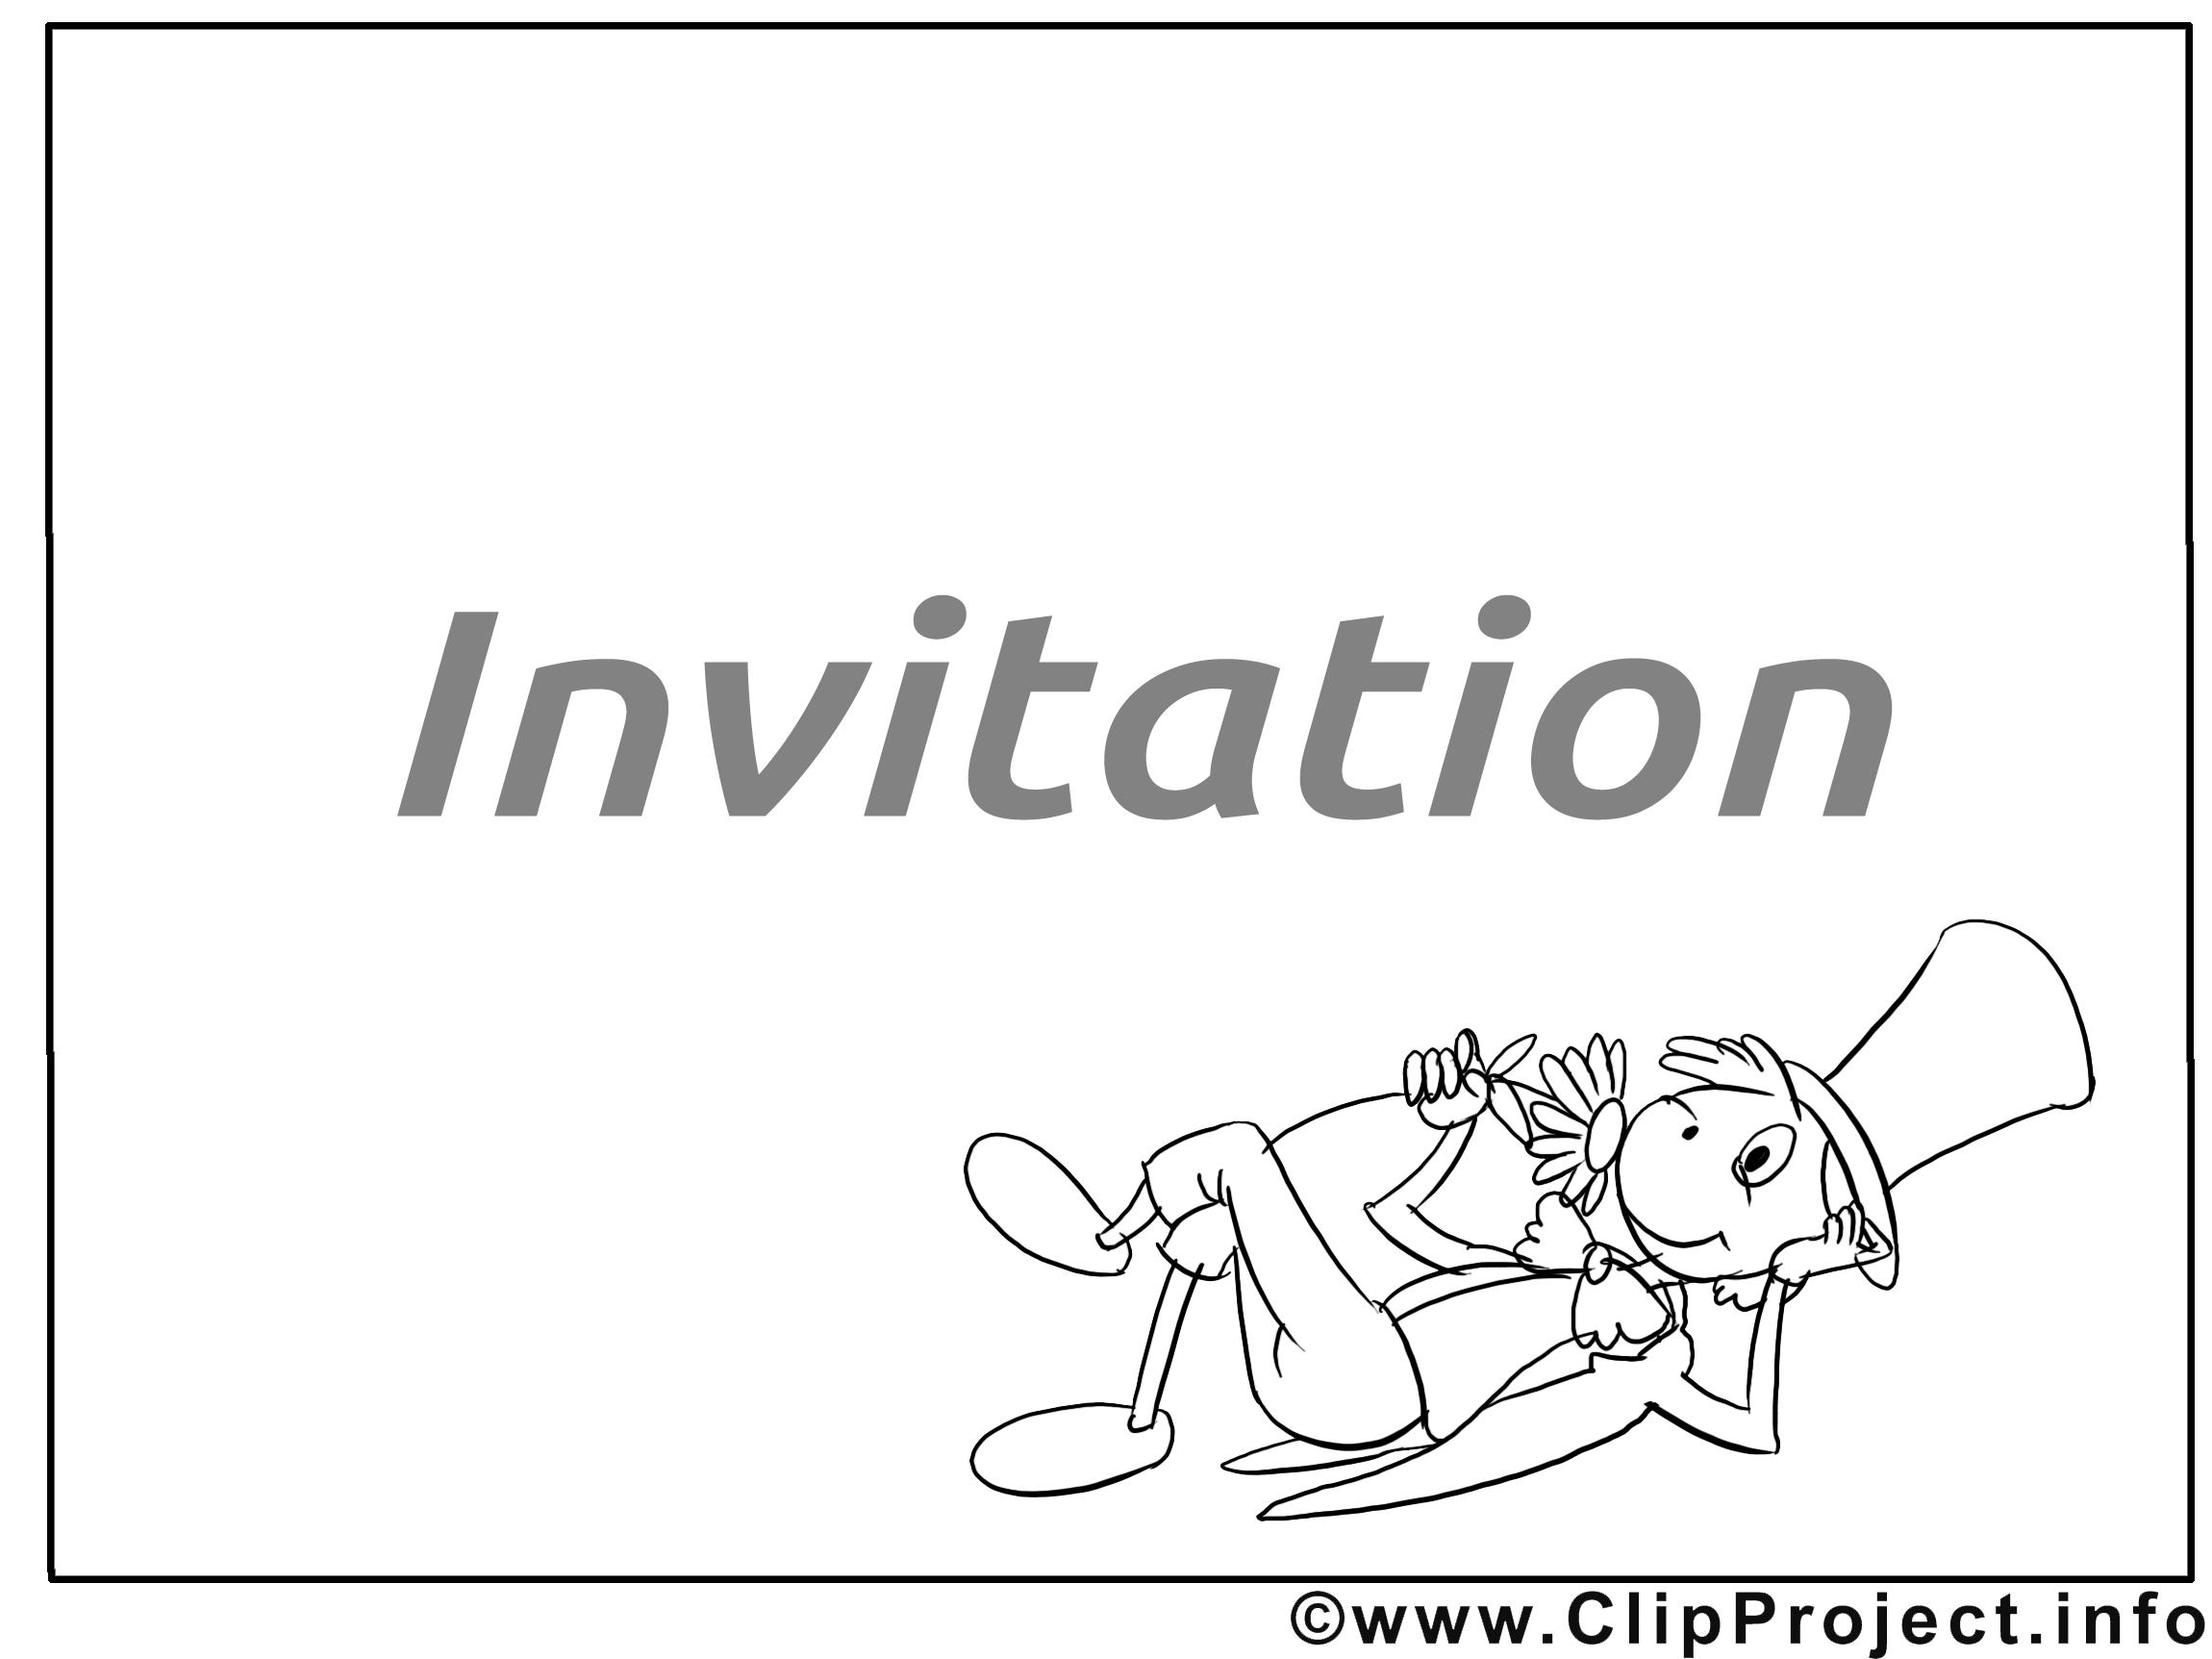 Sauterelle image à télécharger - Invitation clipart